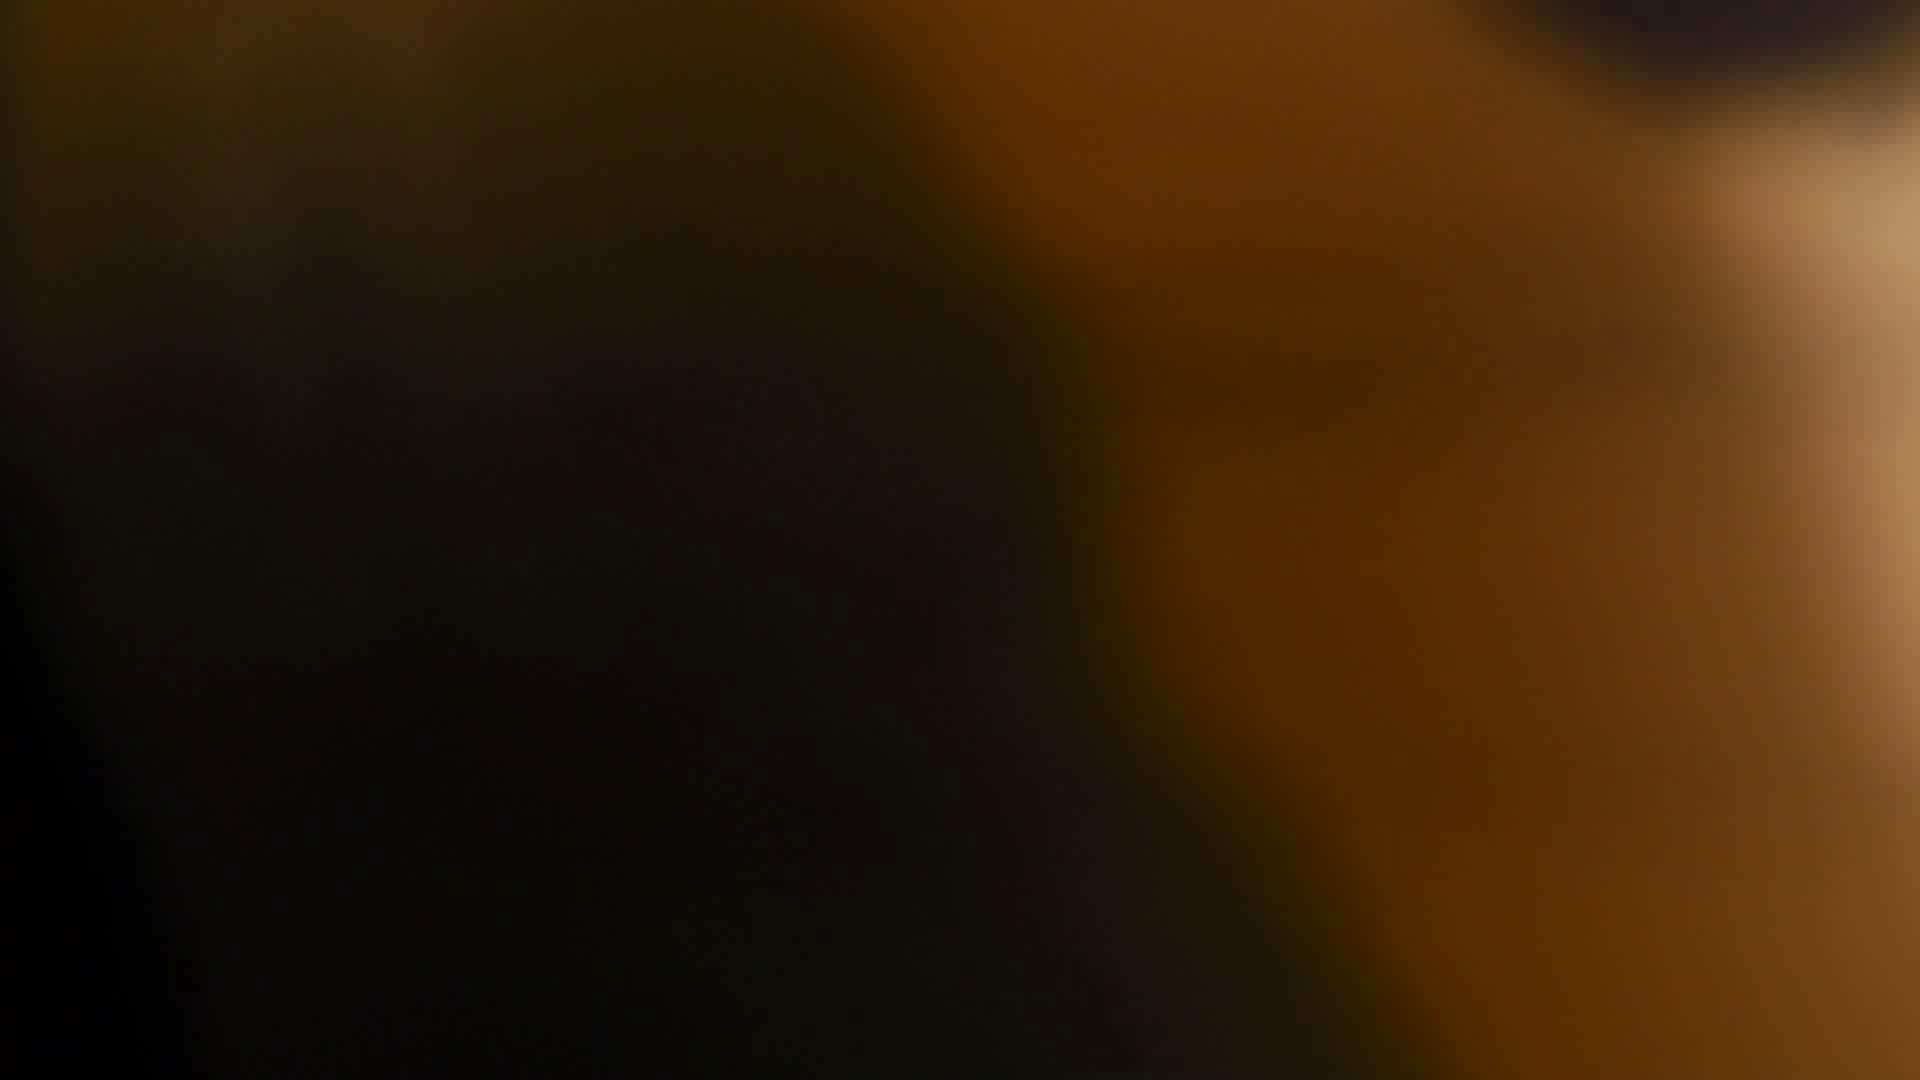 阿国ちゃんの「和式洋式七変化」No.18 iBO(フタコブ) 盛合せ SEX無修正画像 98画像 39